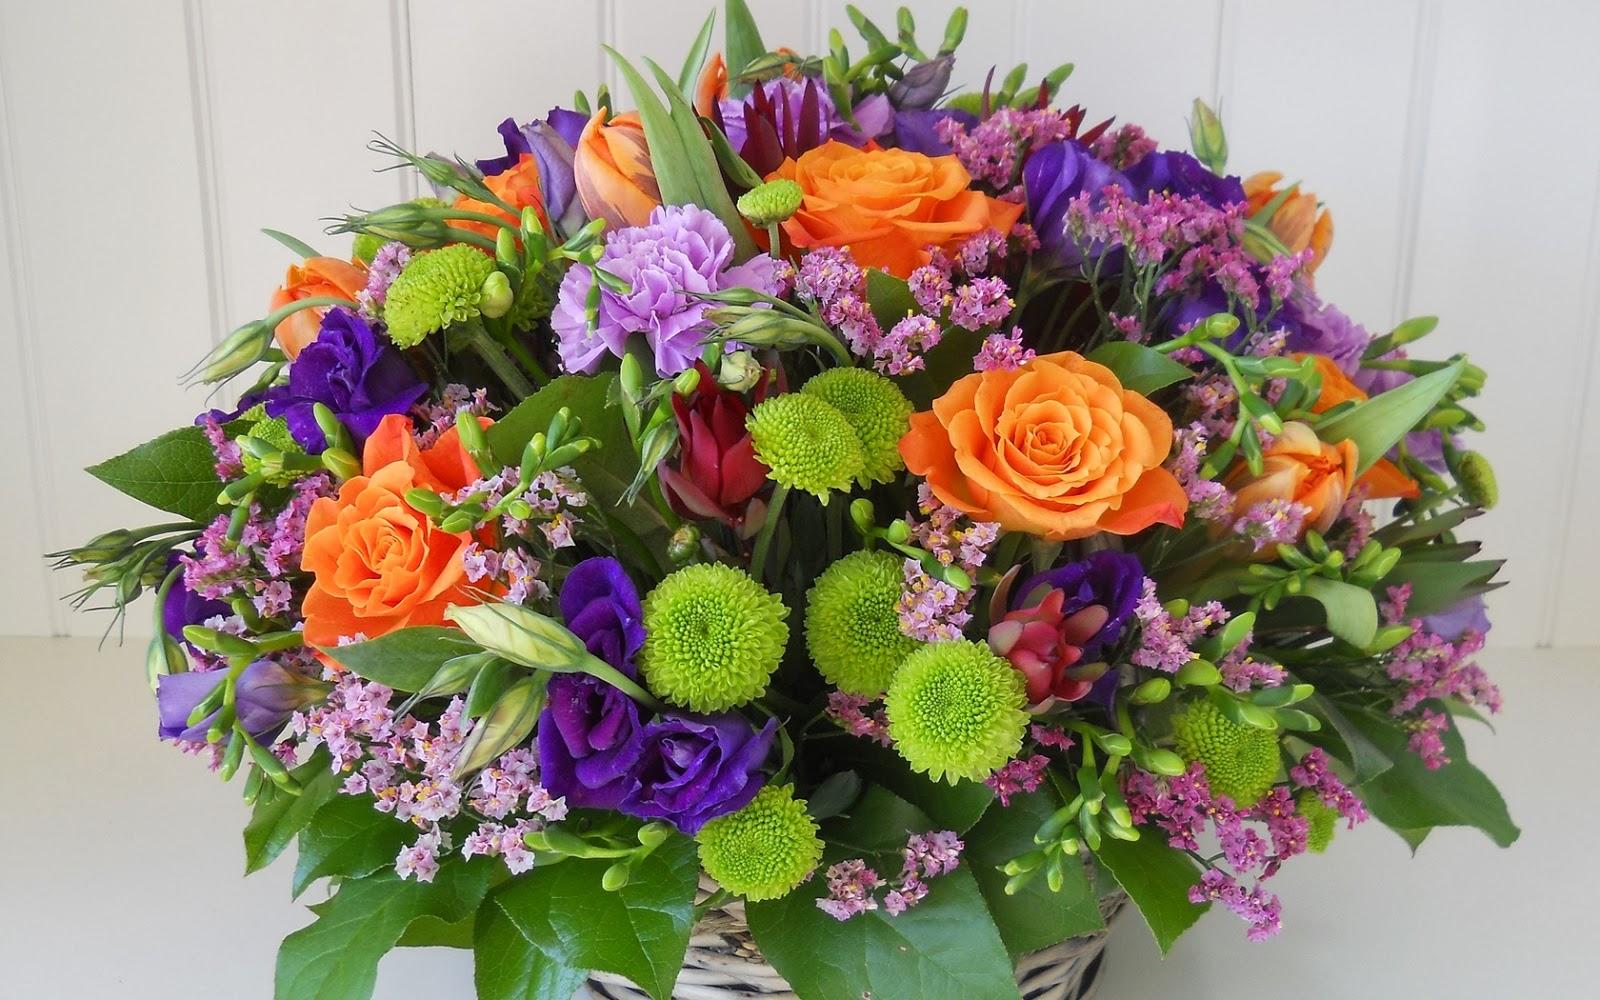 Fotos de ramos de rosas hermosas imagui - Ramos de flores hermosas ...